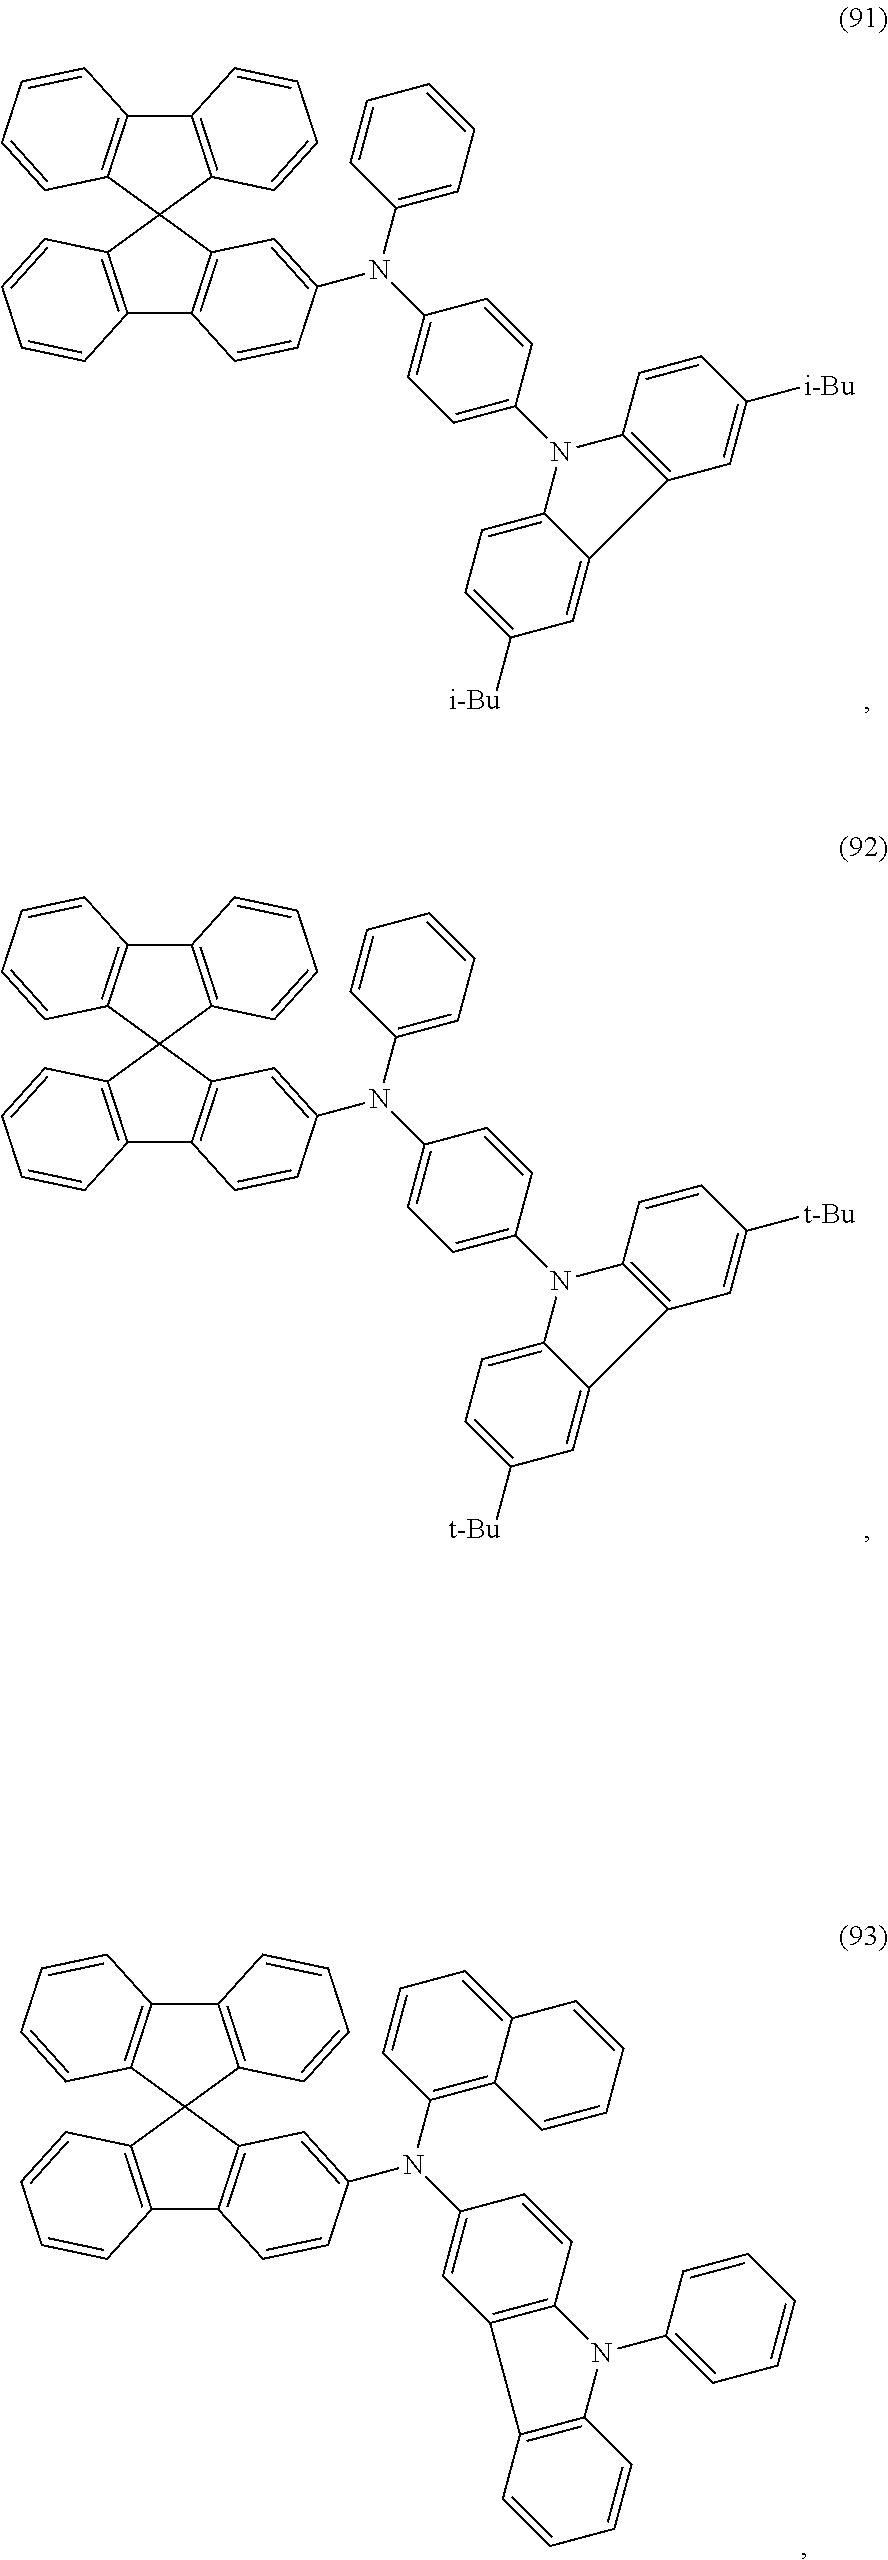 Figure US09548457-20170117-C00068